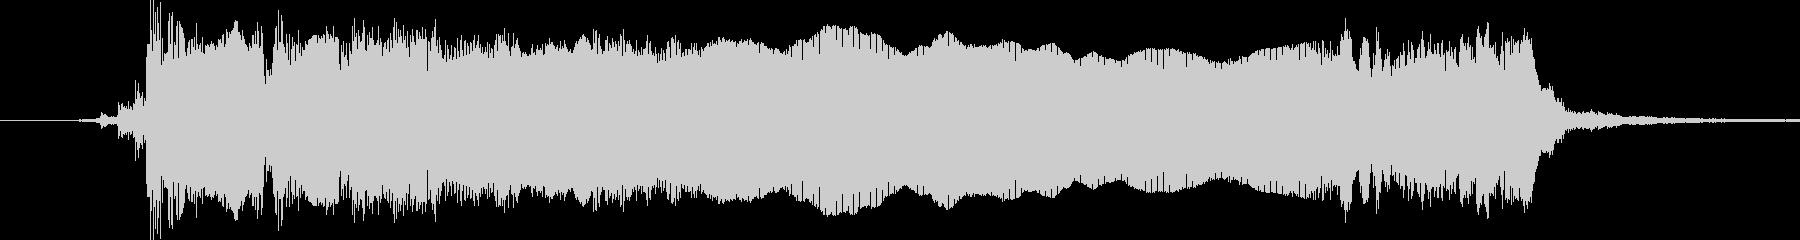 シンプルでロックなエレキギタージングル2の未再生の波形